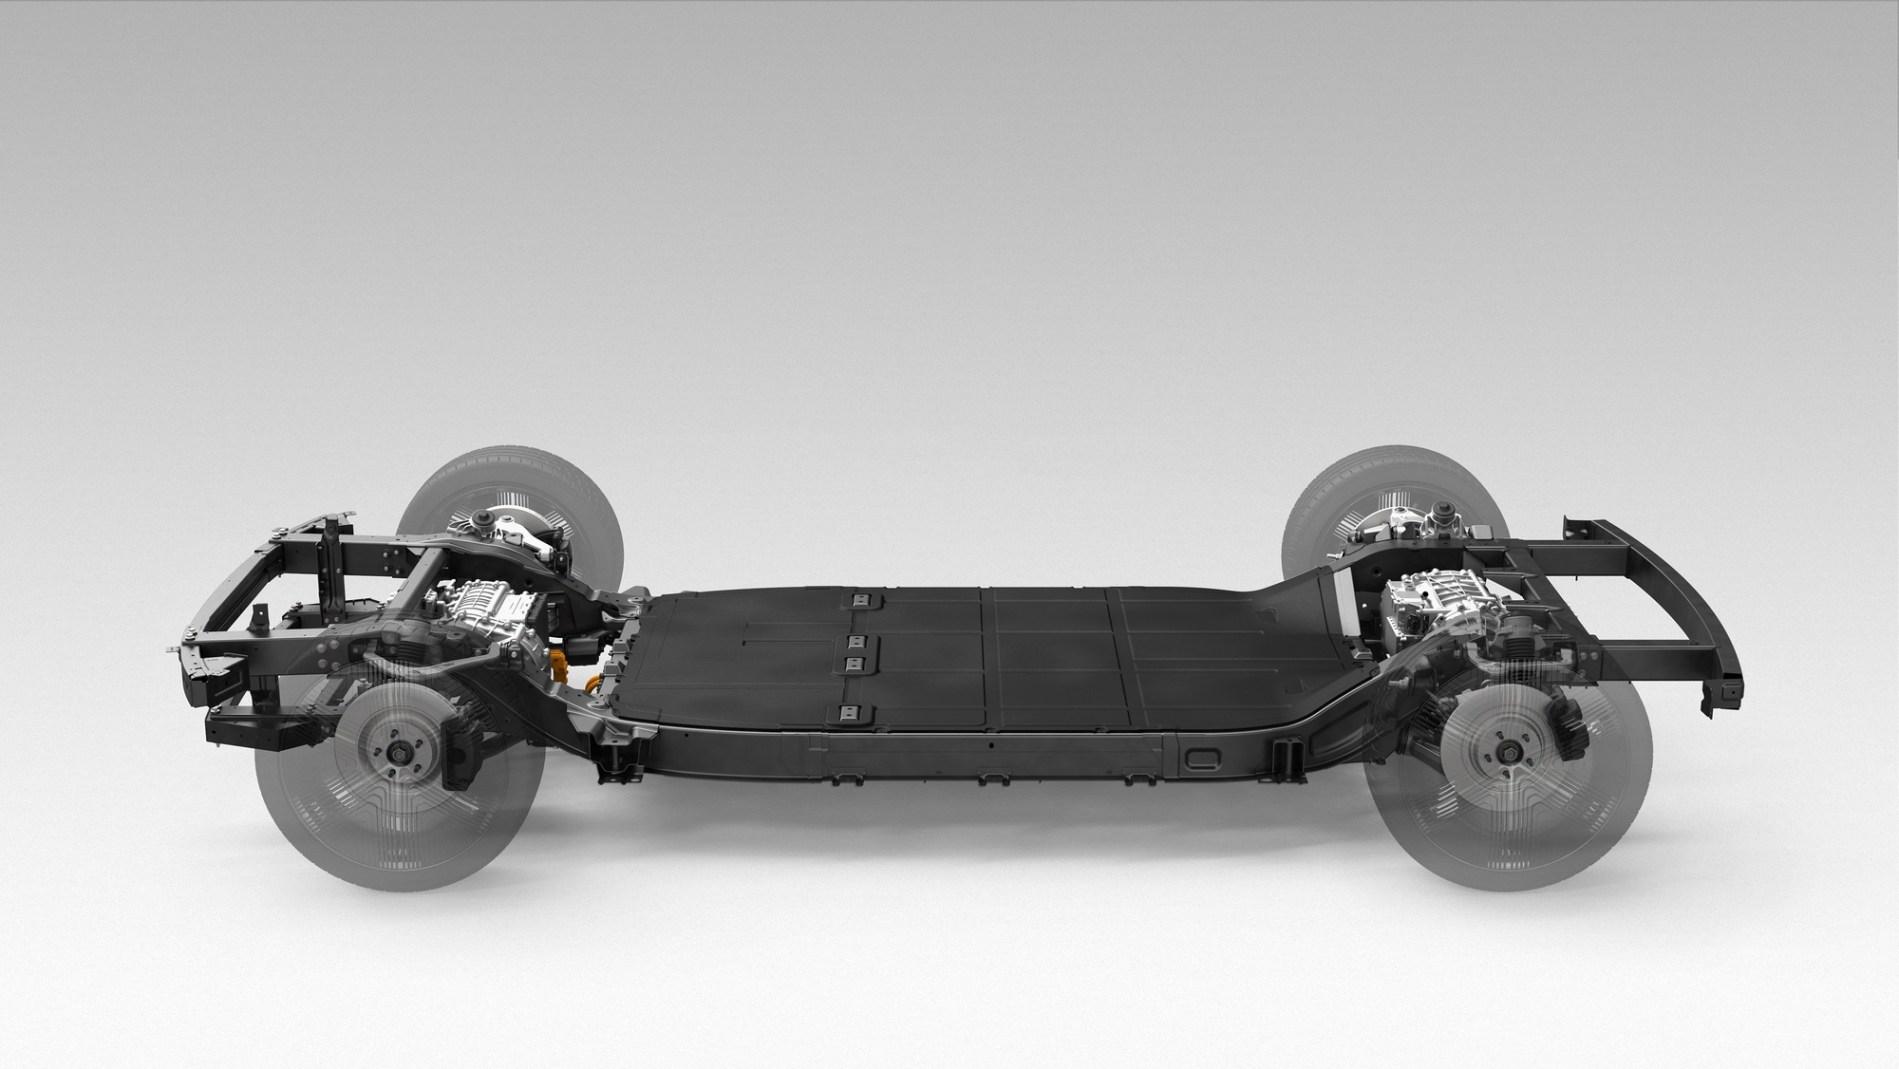 Hyundai Elektroautos werden die Canoo Skateboard Plattform nutzen